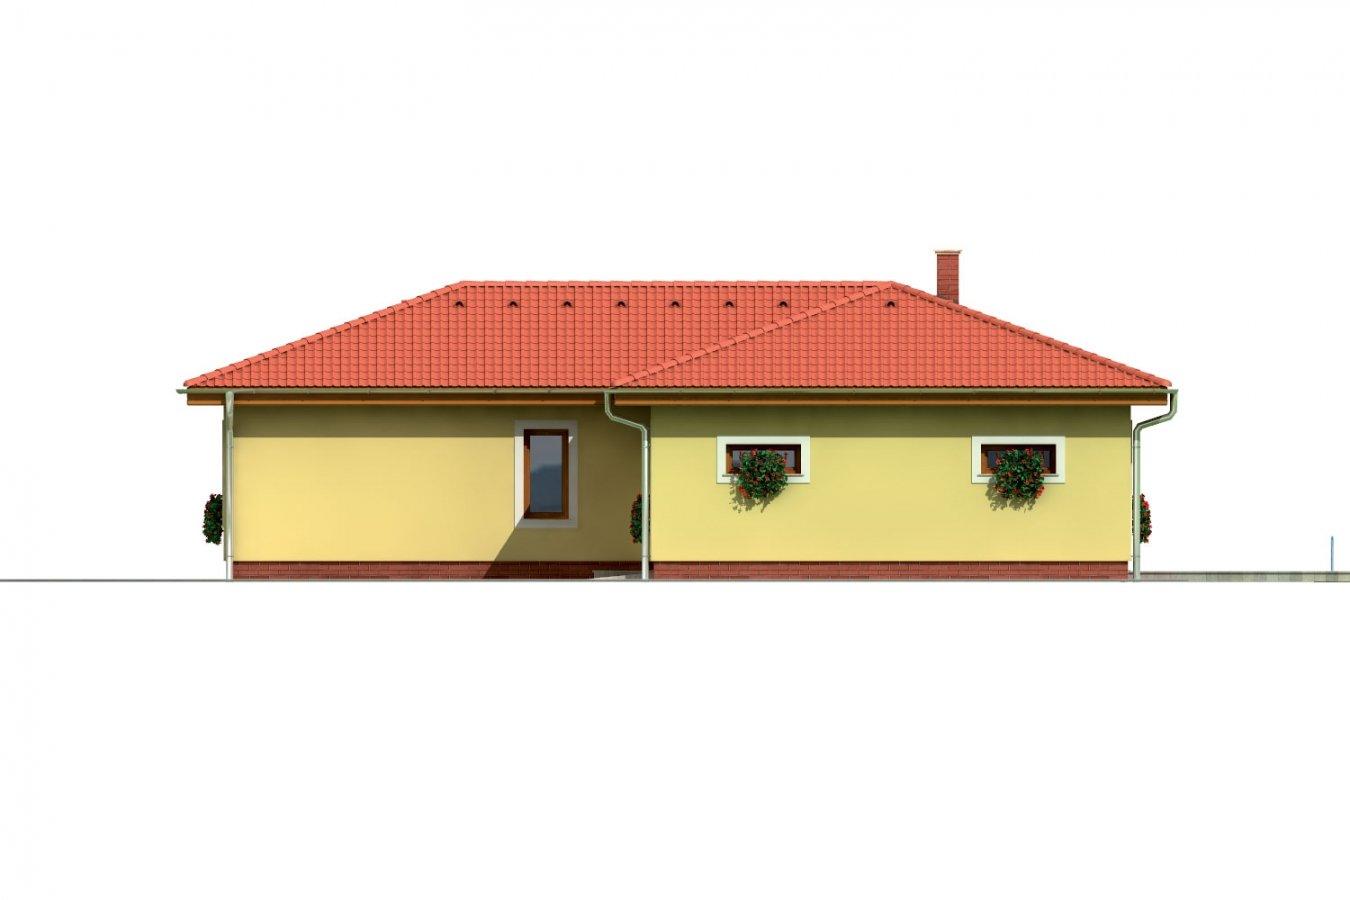 Pohľad 4. - Projekt domu v tvare L do ulice. Veľký 6-izbový rodinný dom s garážou.